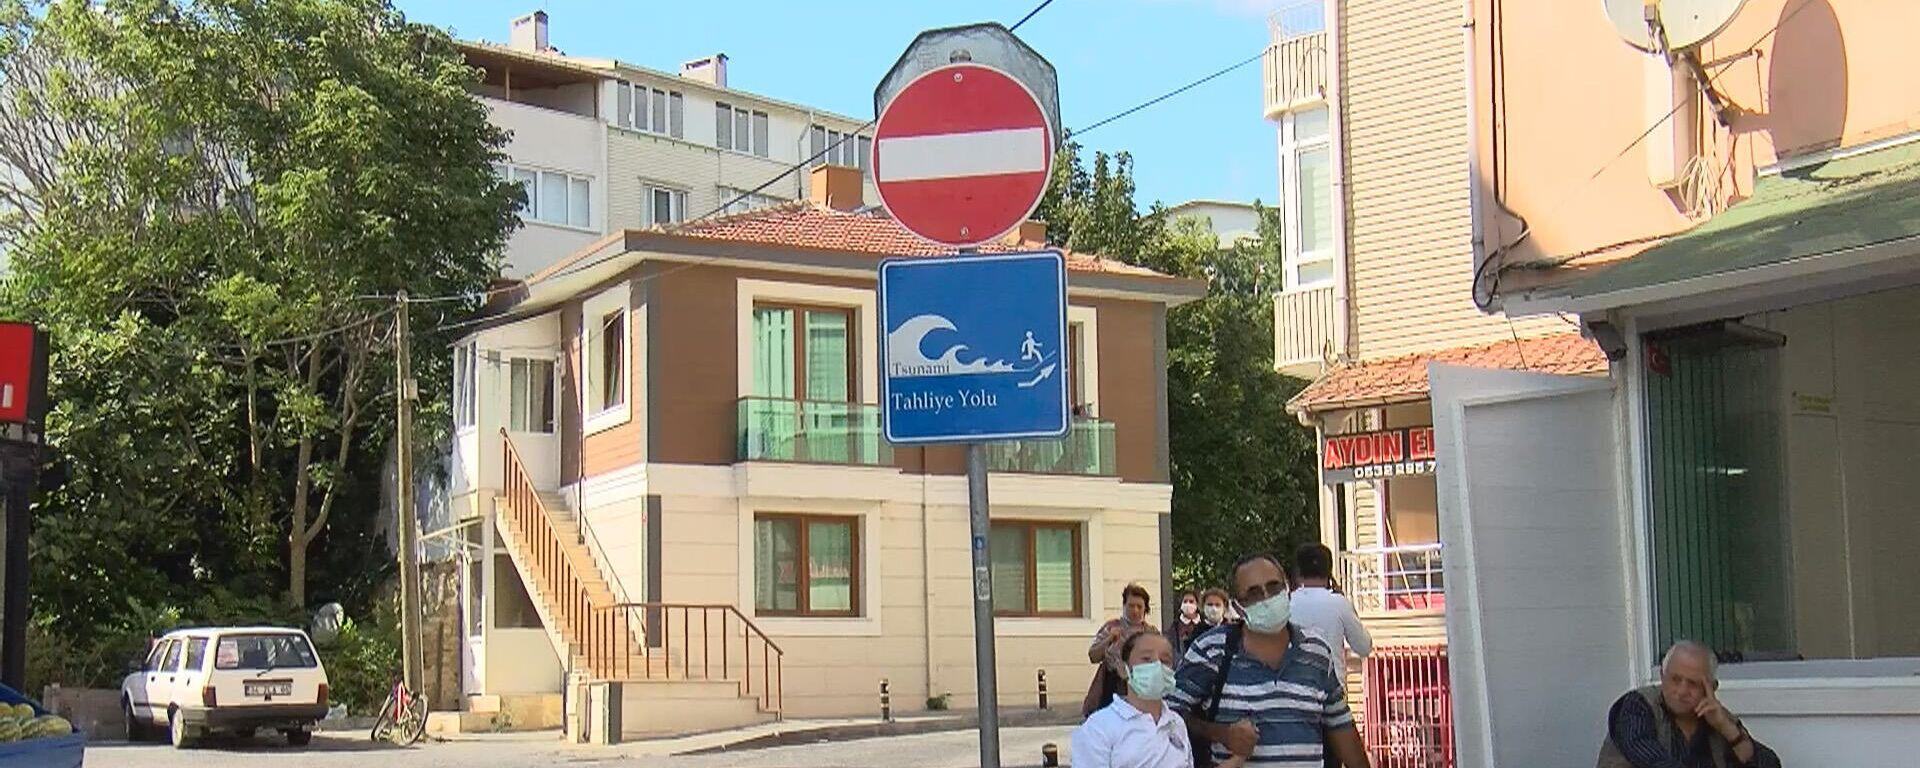 İstanbul, tsunami tabelası - Sputnik Türkiye, 1920, 09.09.2021